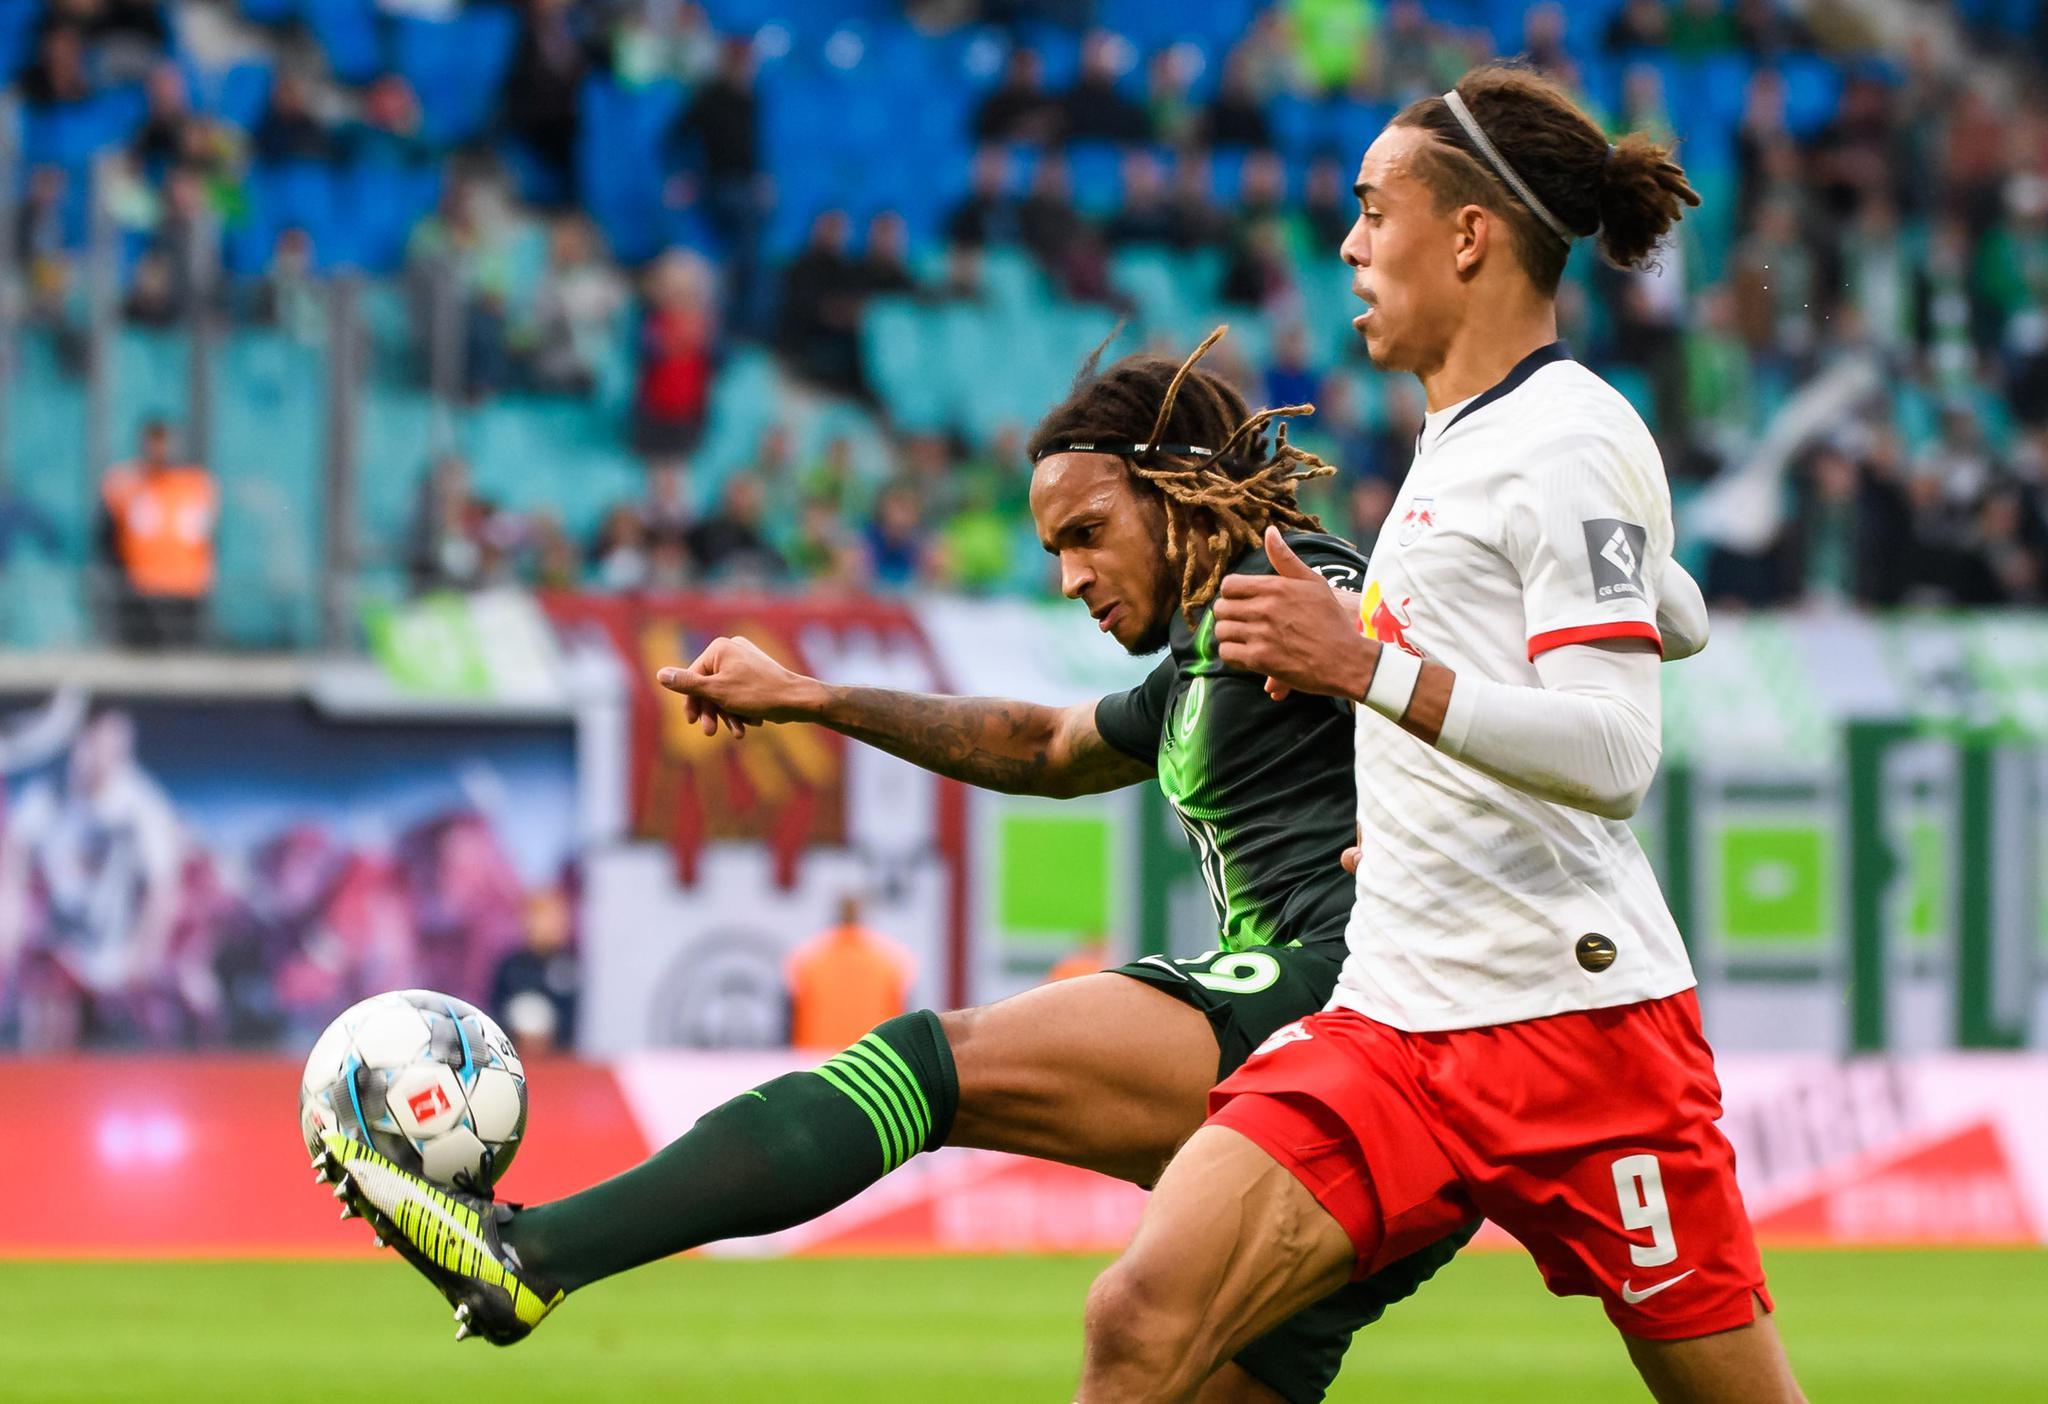 足球——德甲:莱比锡战平沃尔夫斯堡